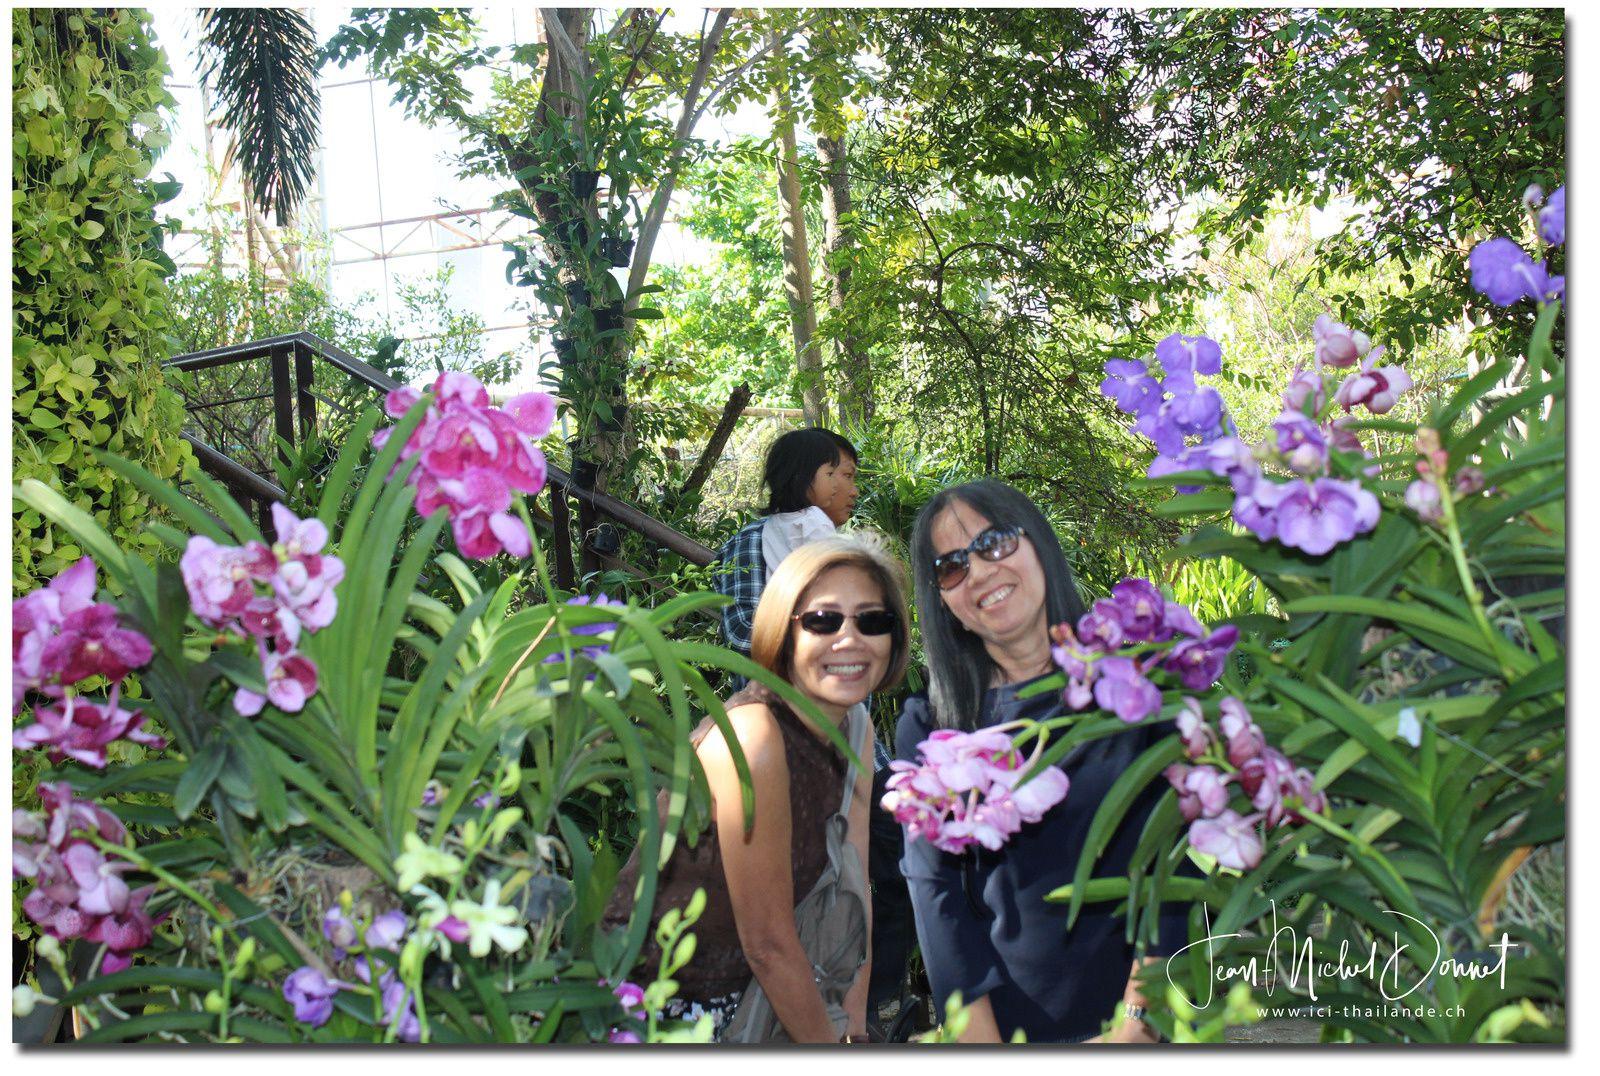 Les orchidées (floralies de Khon Kaen)